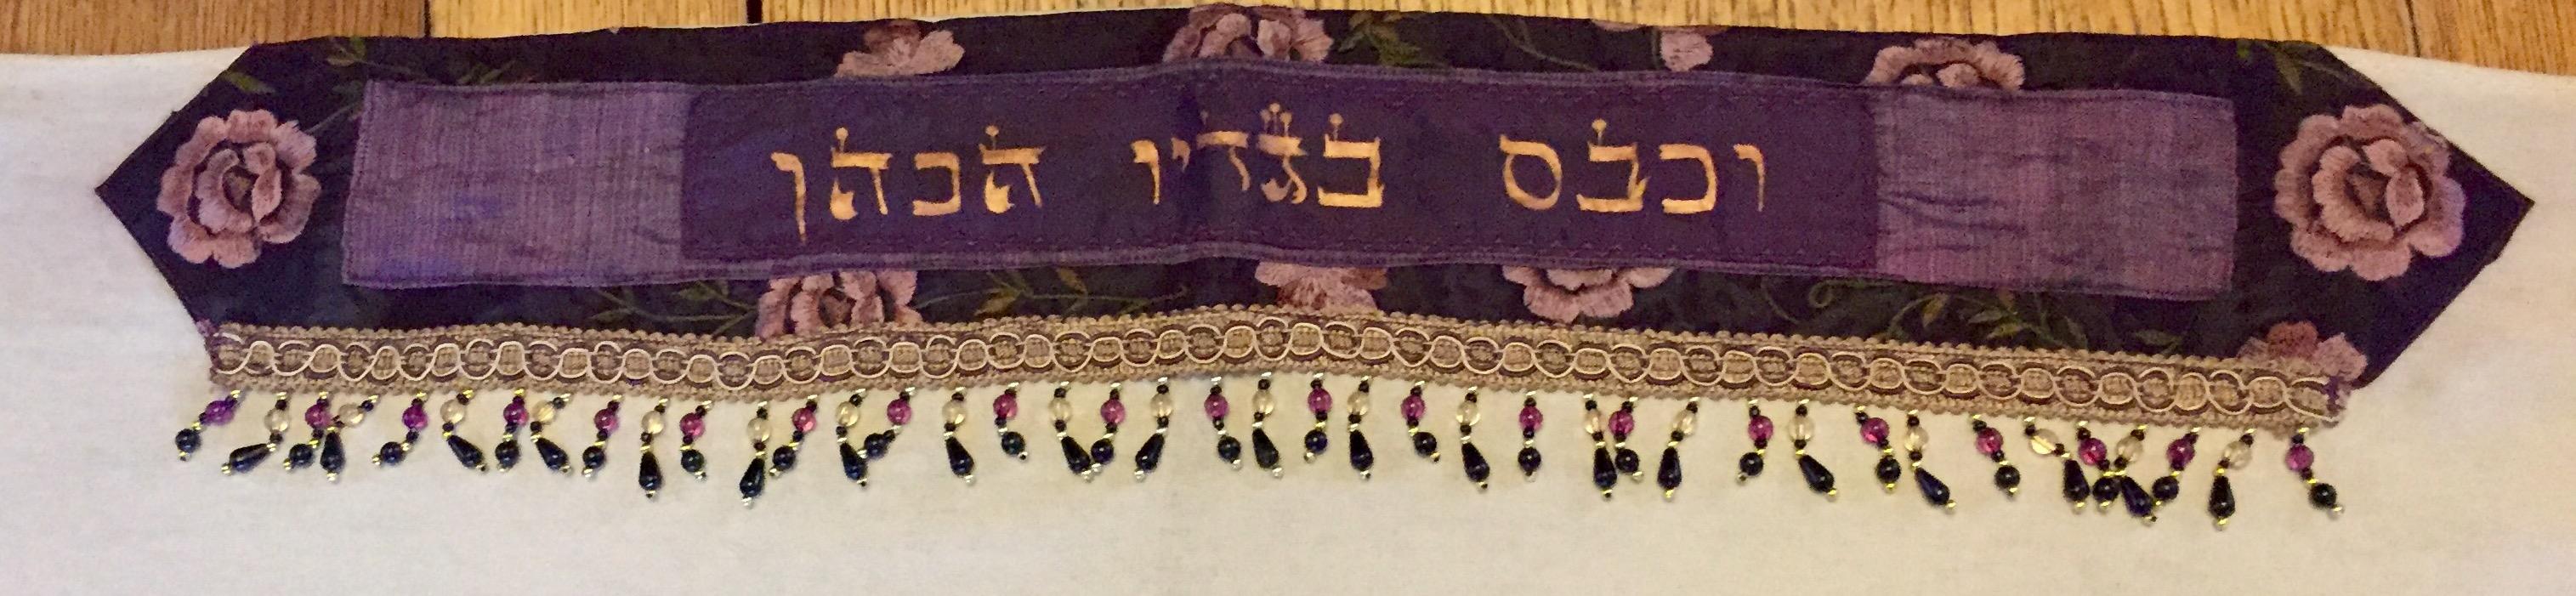 Atarah of talit